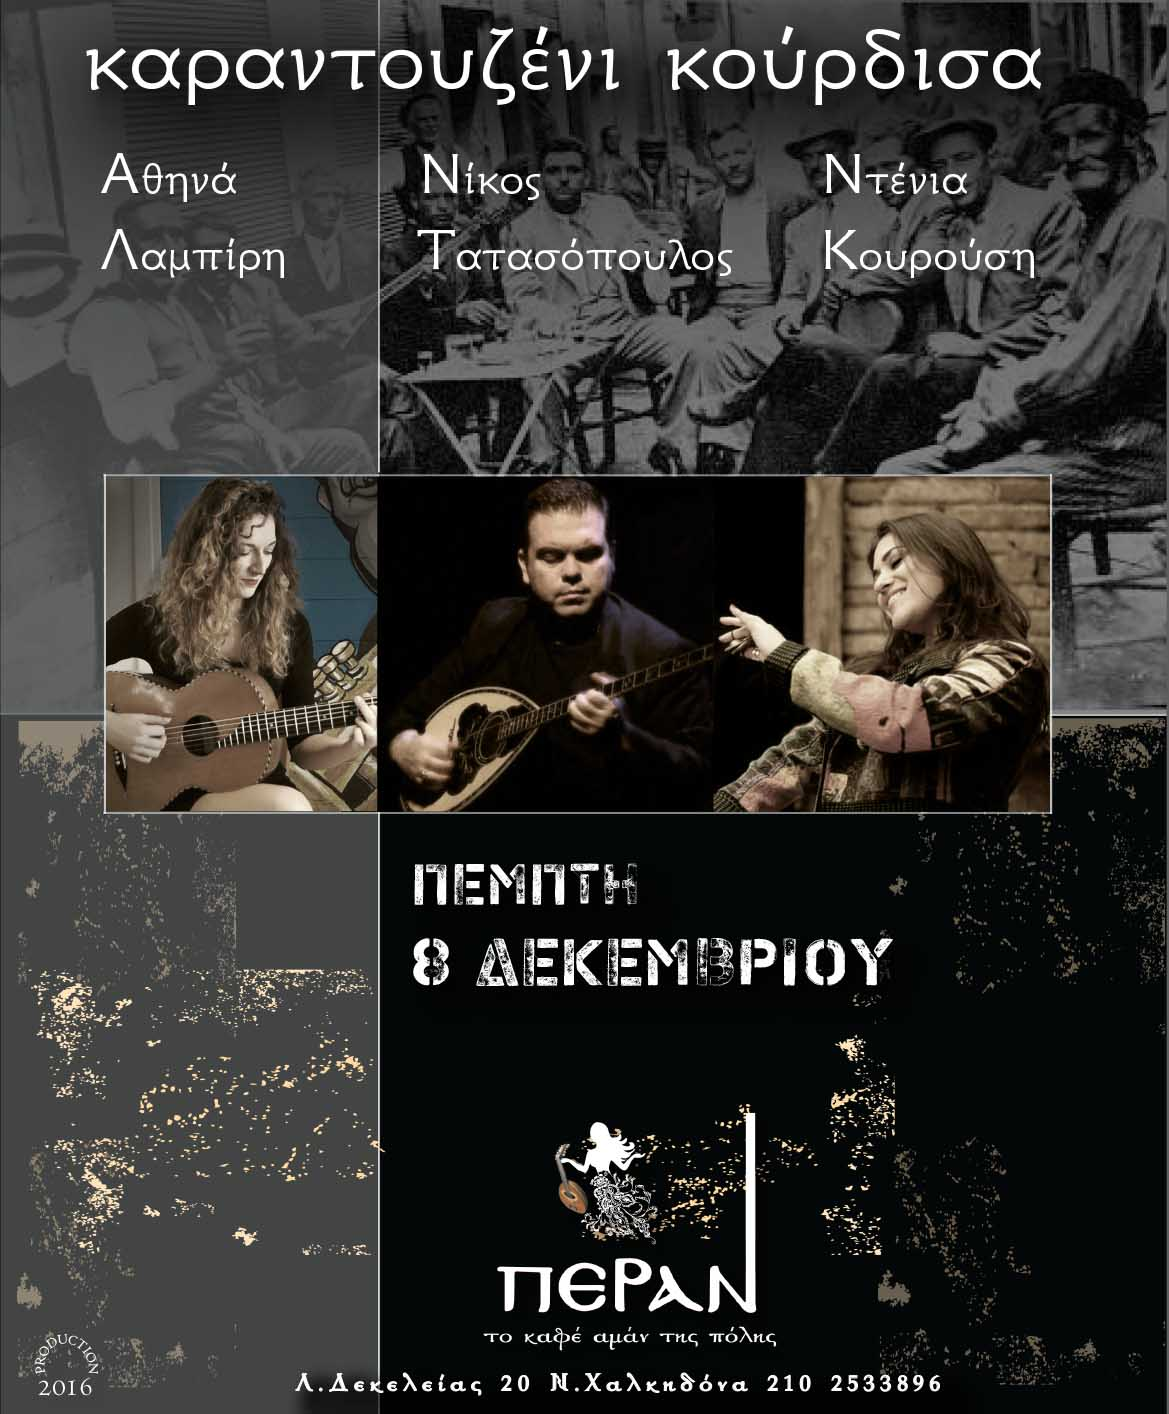 TATASOPOYLOS-KOYROYSH 8-12